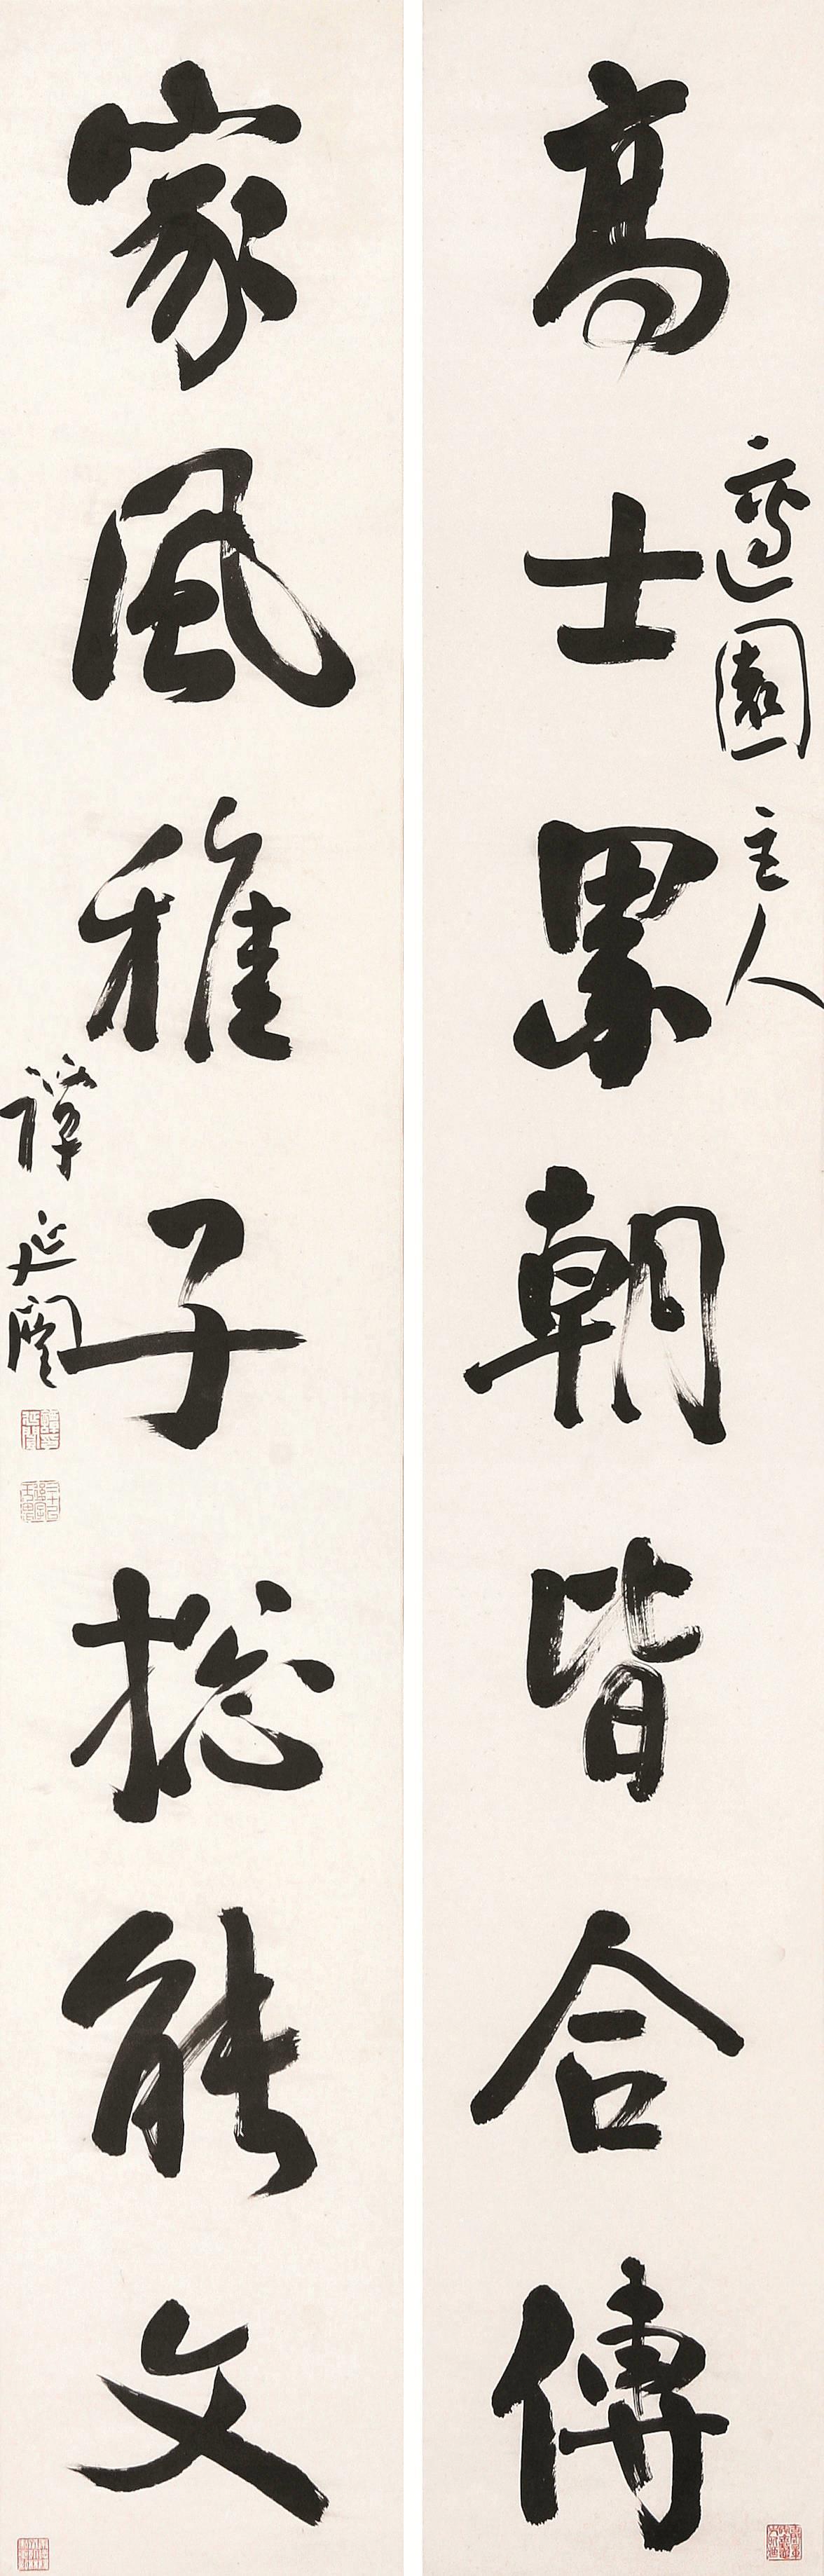 谭延闿(1880-1930) 书法对联图片